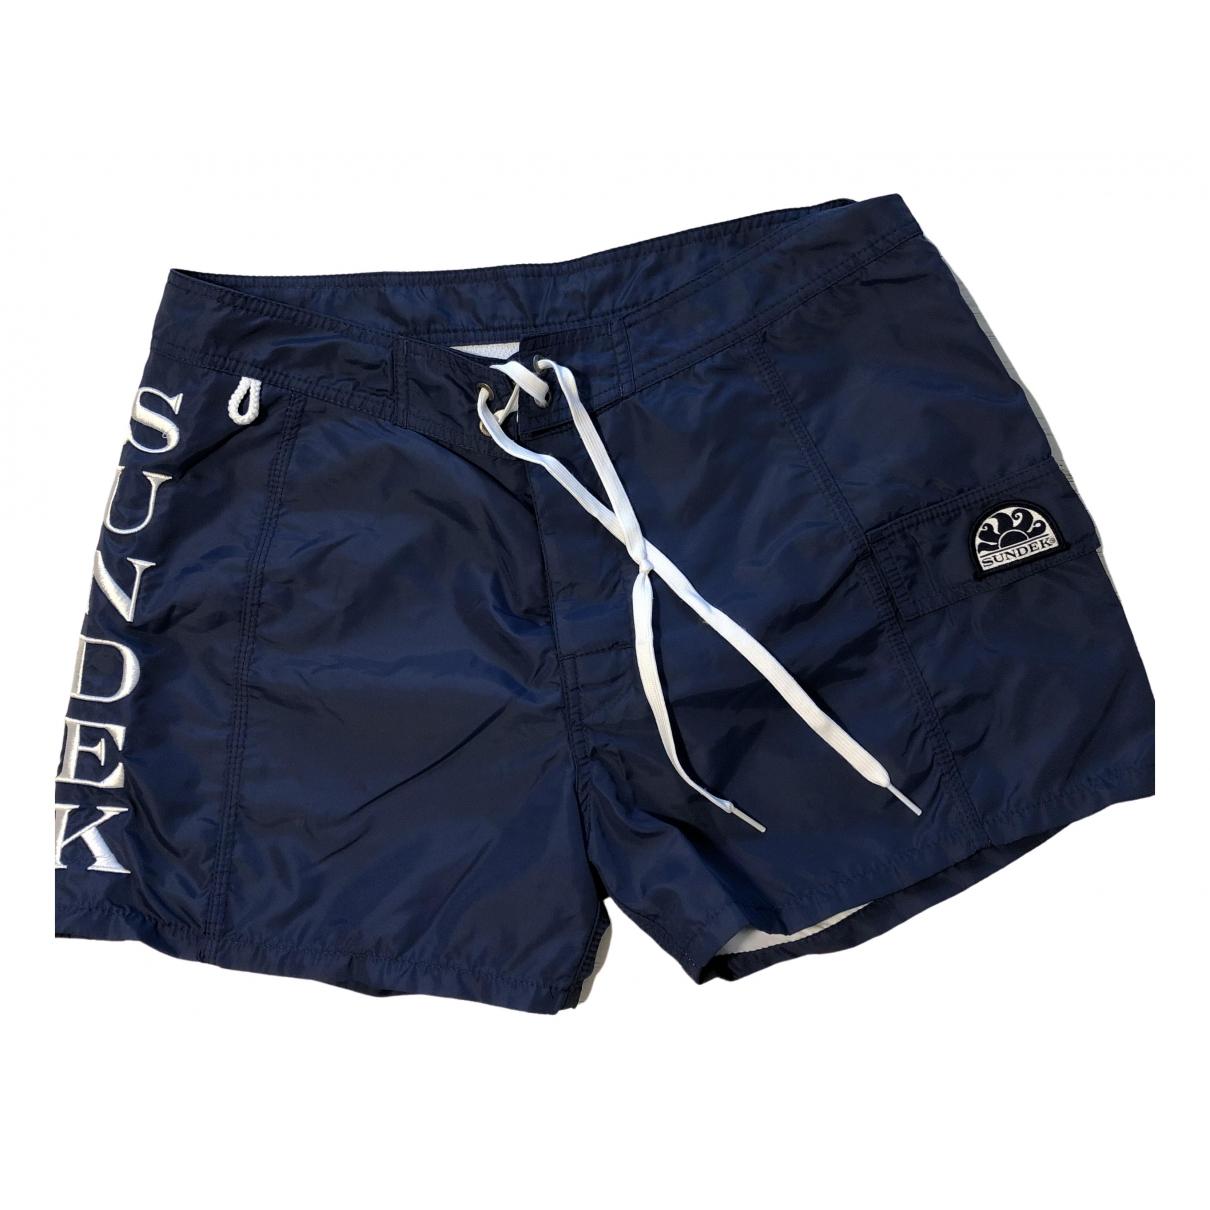 Sundek \N Shorts in  Blau Synthetik